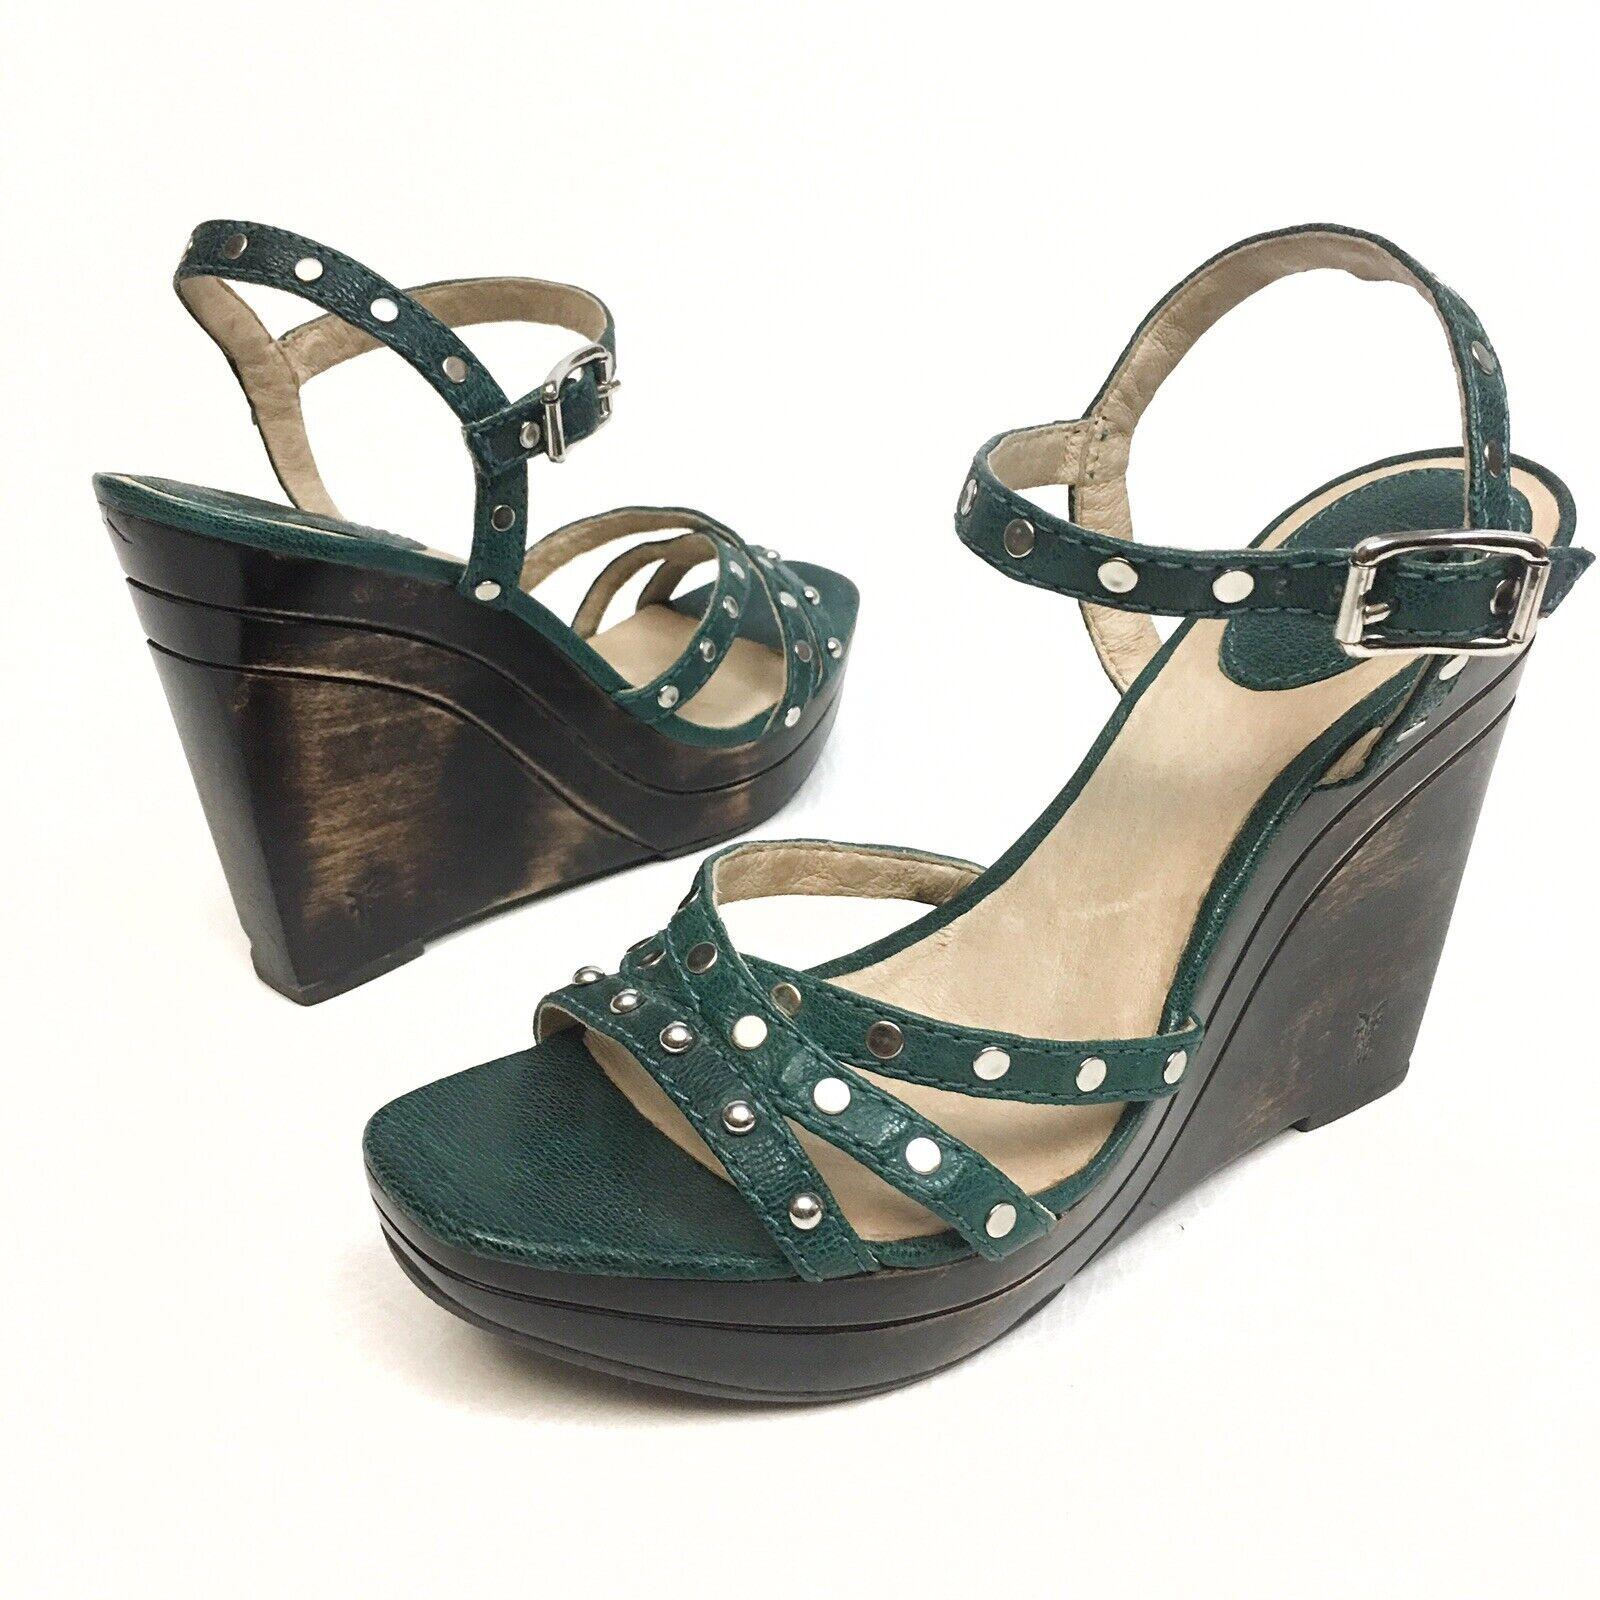 Frye'Bridget 'Teal läder w   silver Studs Strappy Wedge Wedge Wedge Platform Sandaler Sz 9M  köpa billiga nya